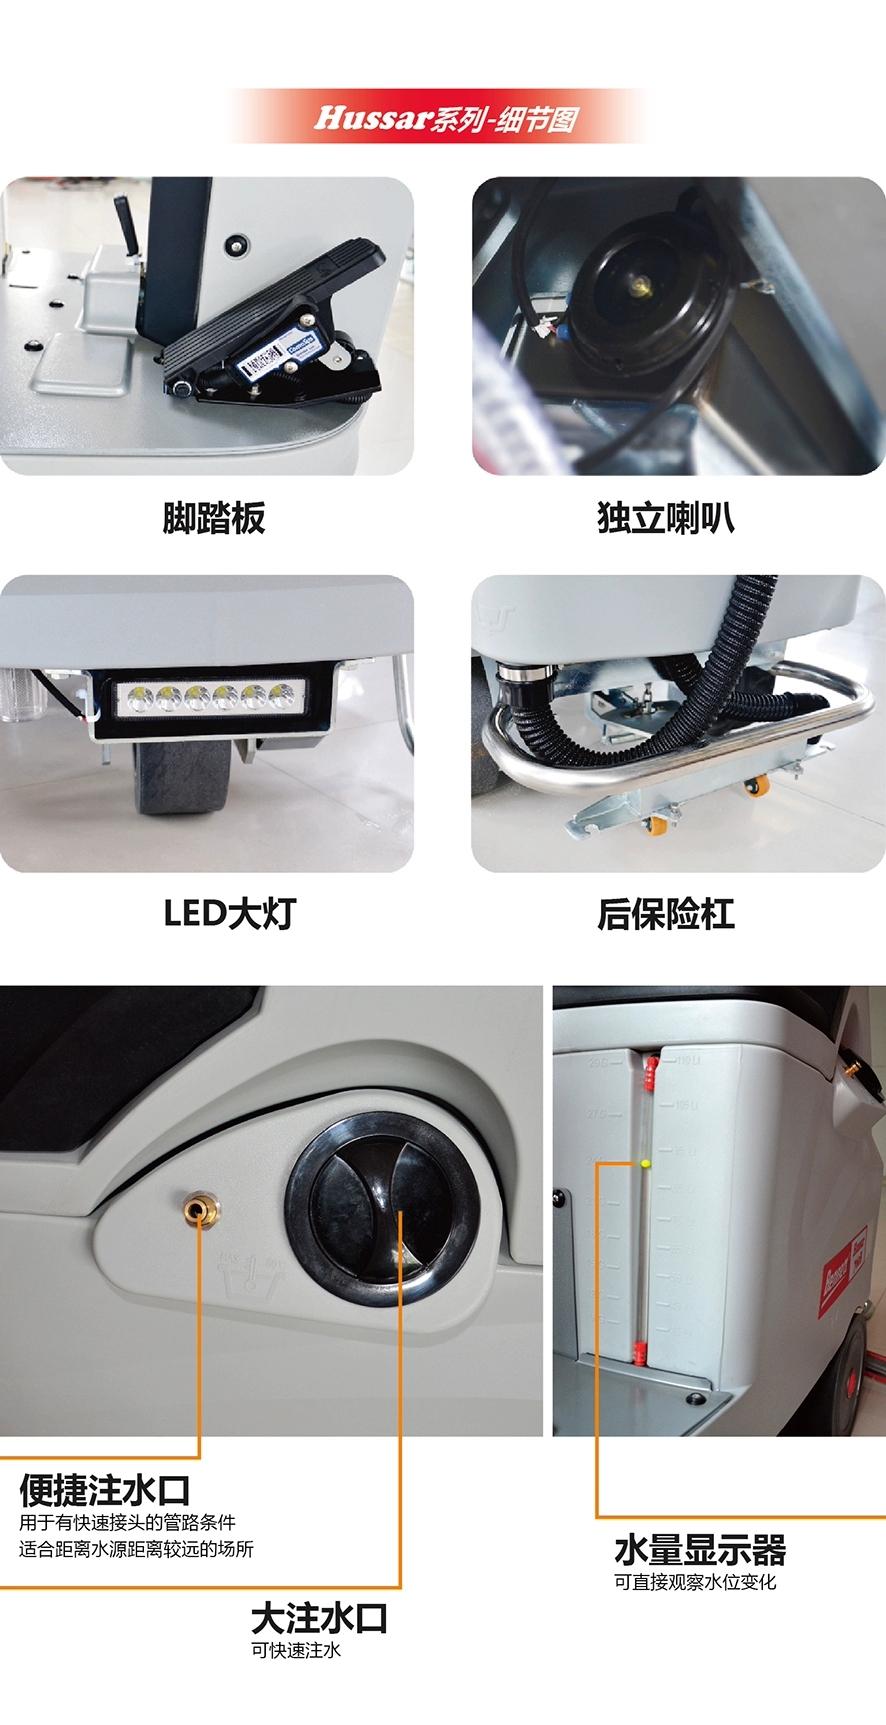 微信圖片_202011171101181.jpg